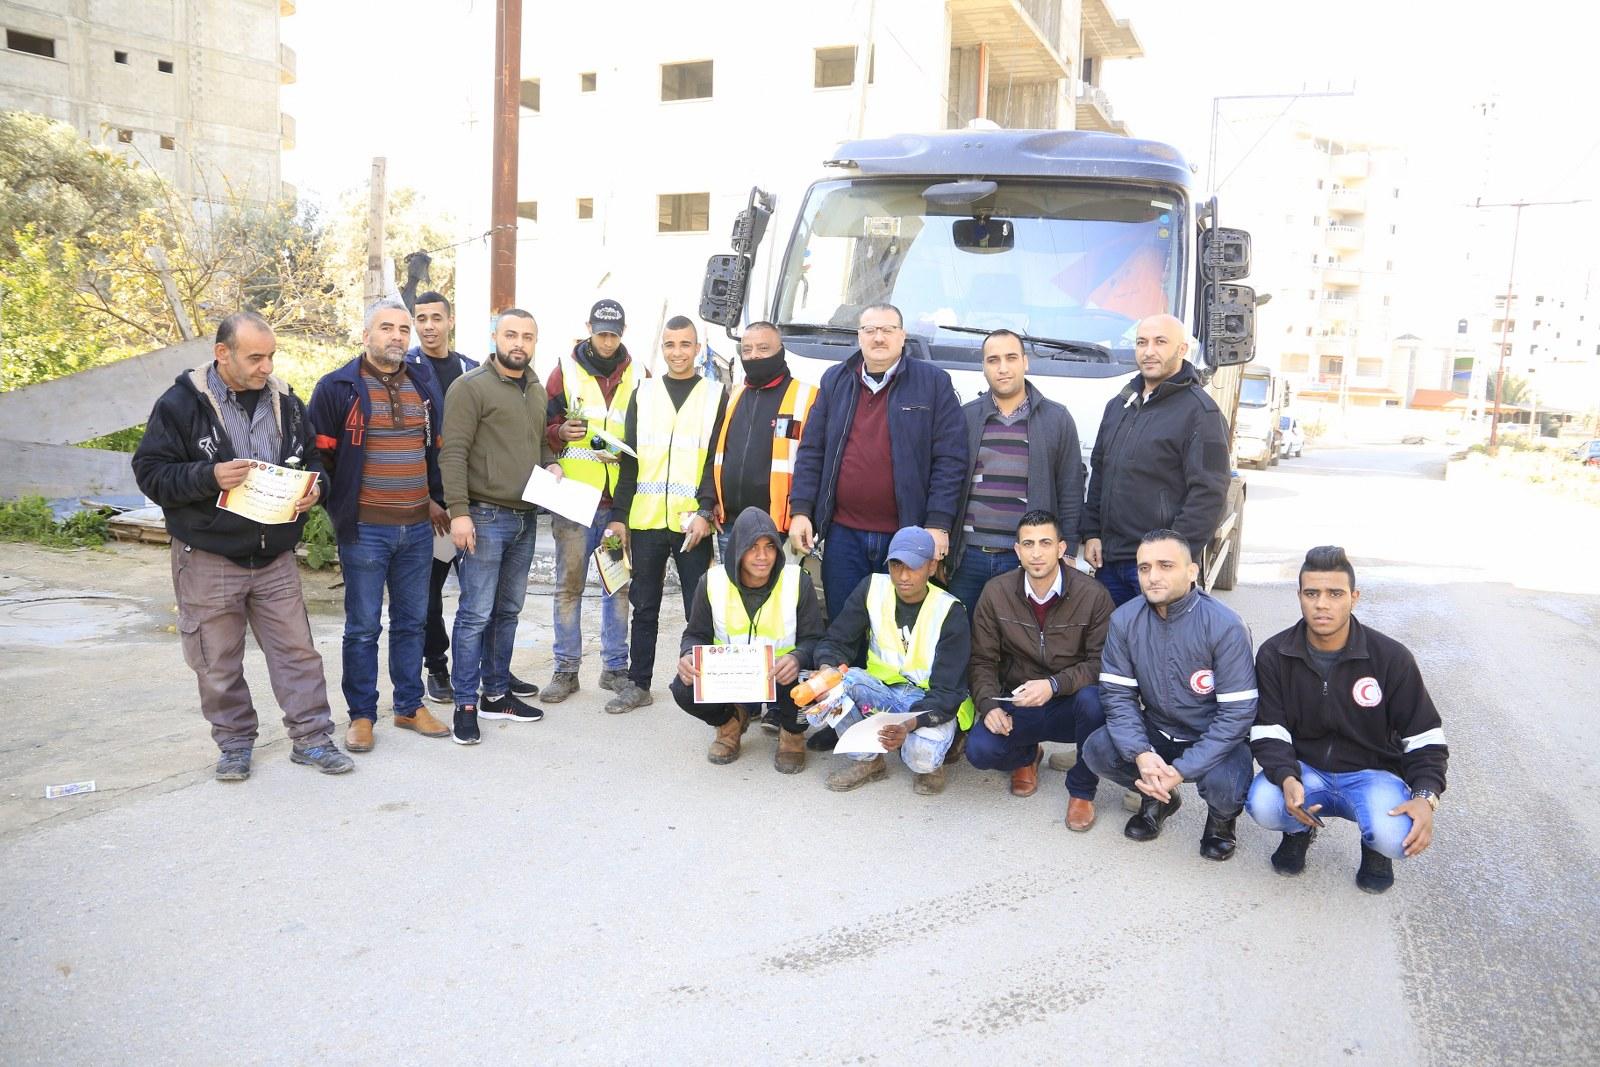 تكريم بلدية قلقيلية تقديراً للجهودها في الحفاظ على نظافة المدينة